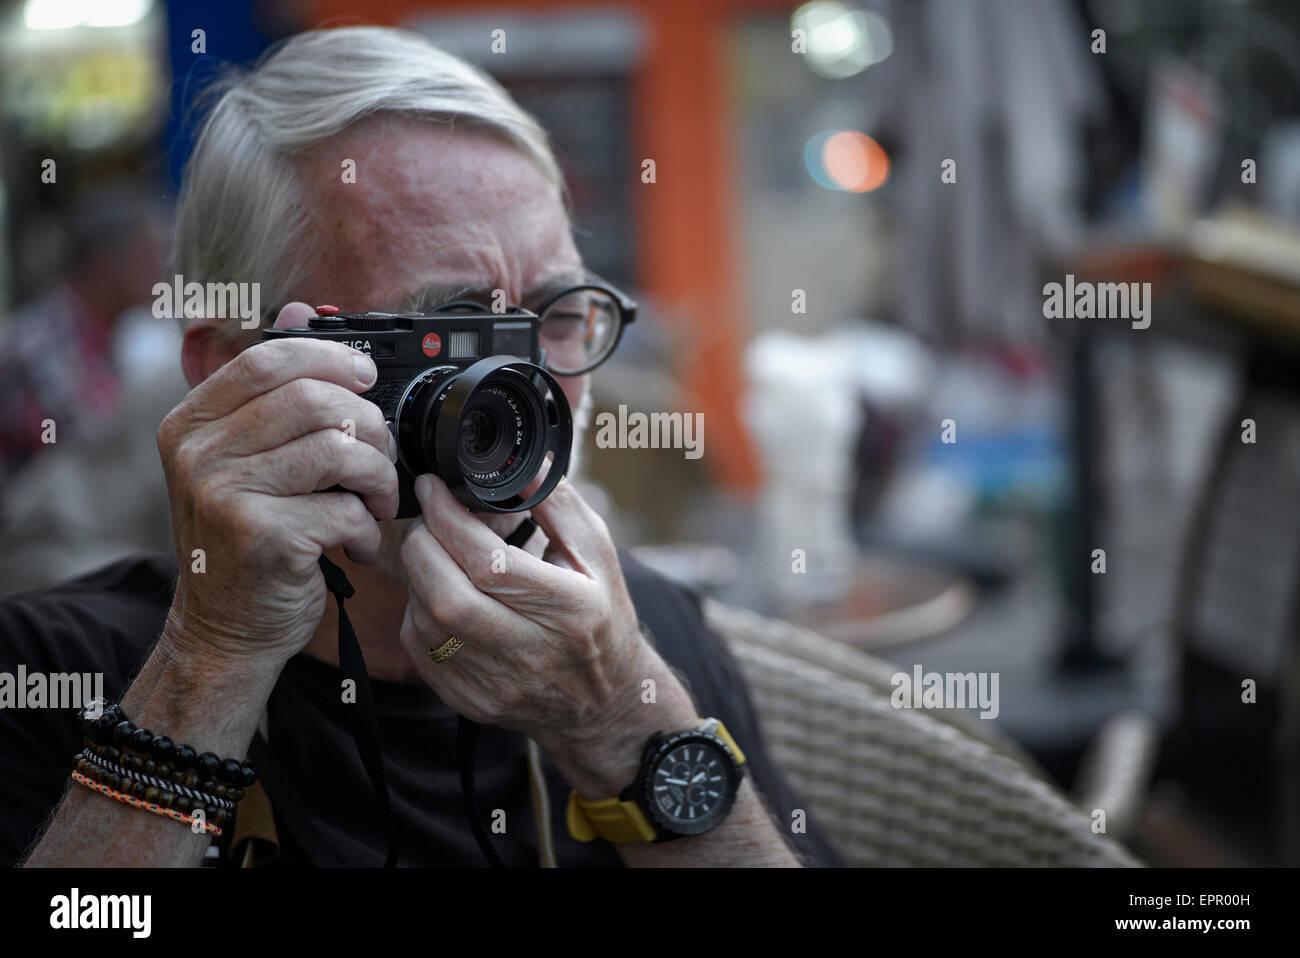 Fotograf mit einem vintage leica m entfernungsmesser film kamera